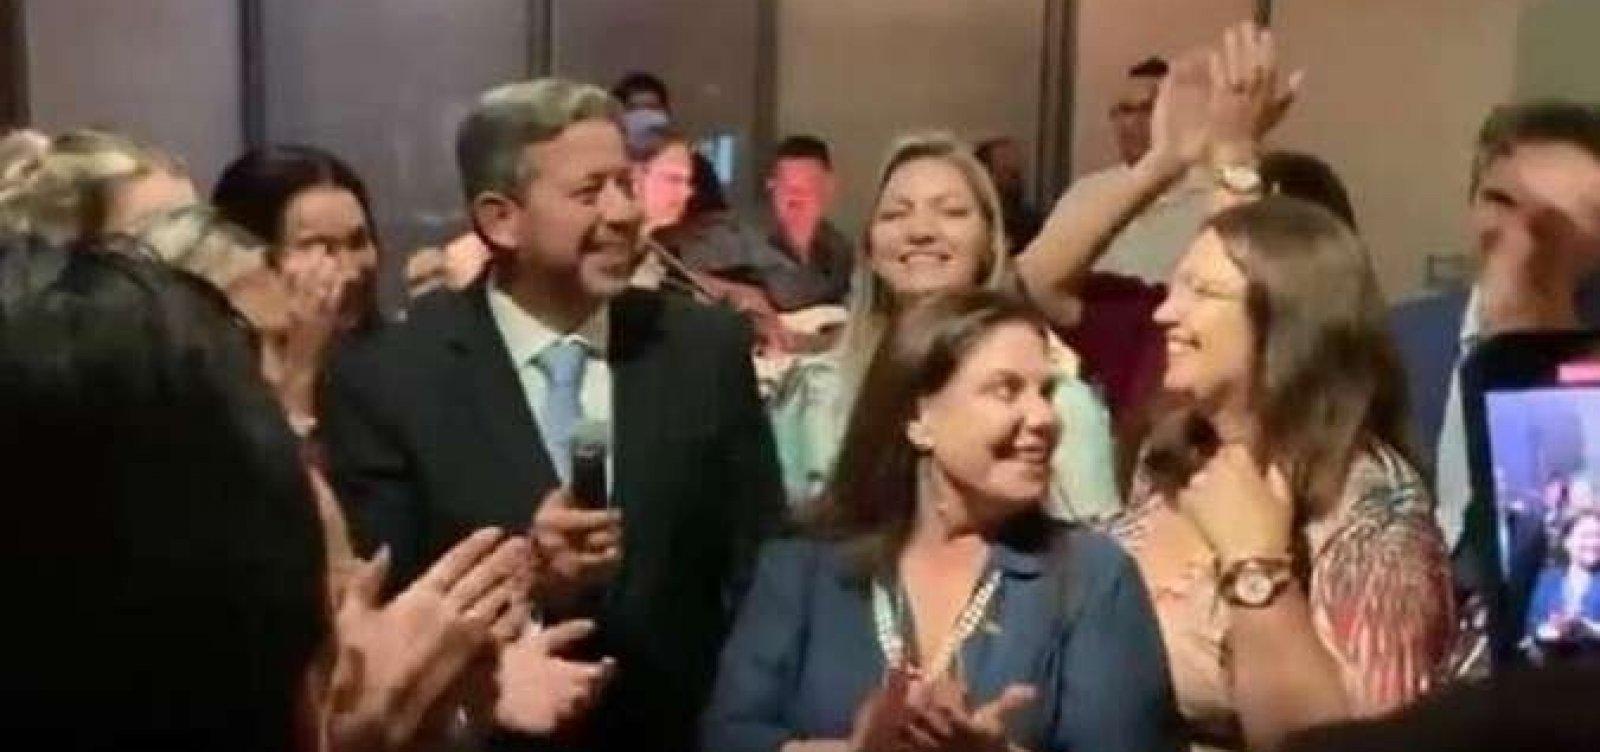 Após vitória na Câmara, Lira faz festa para 300 pessoas com aglomeração e sem máscara